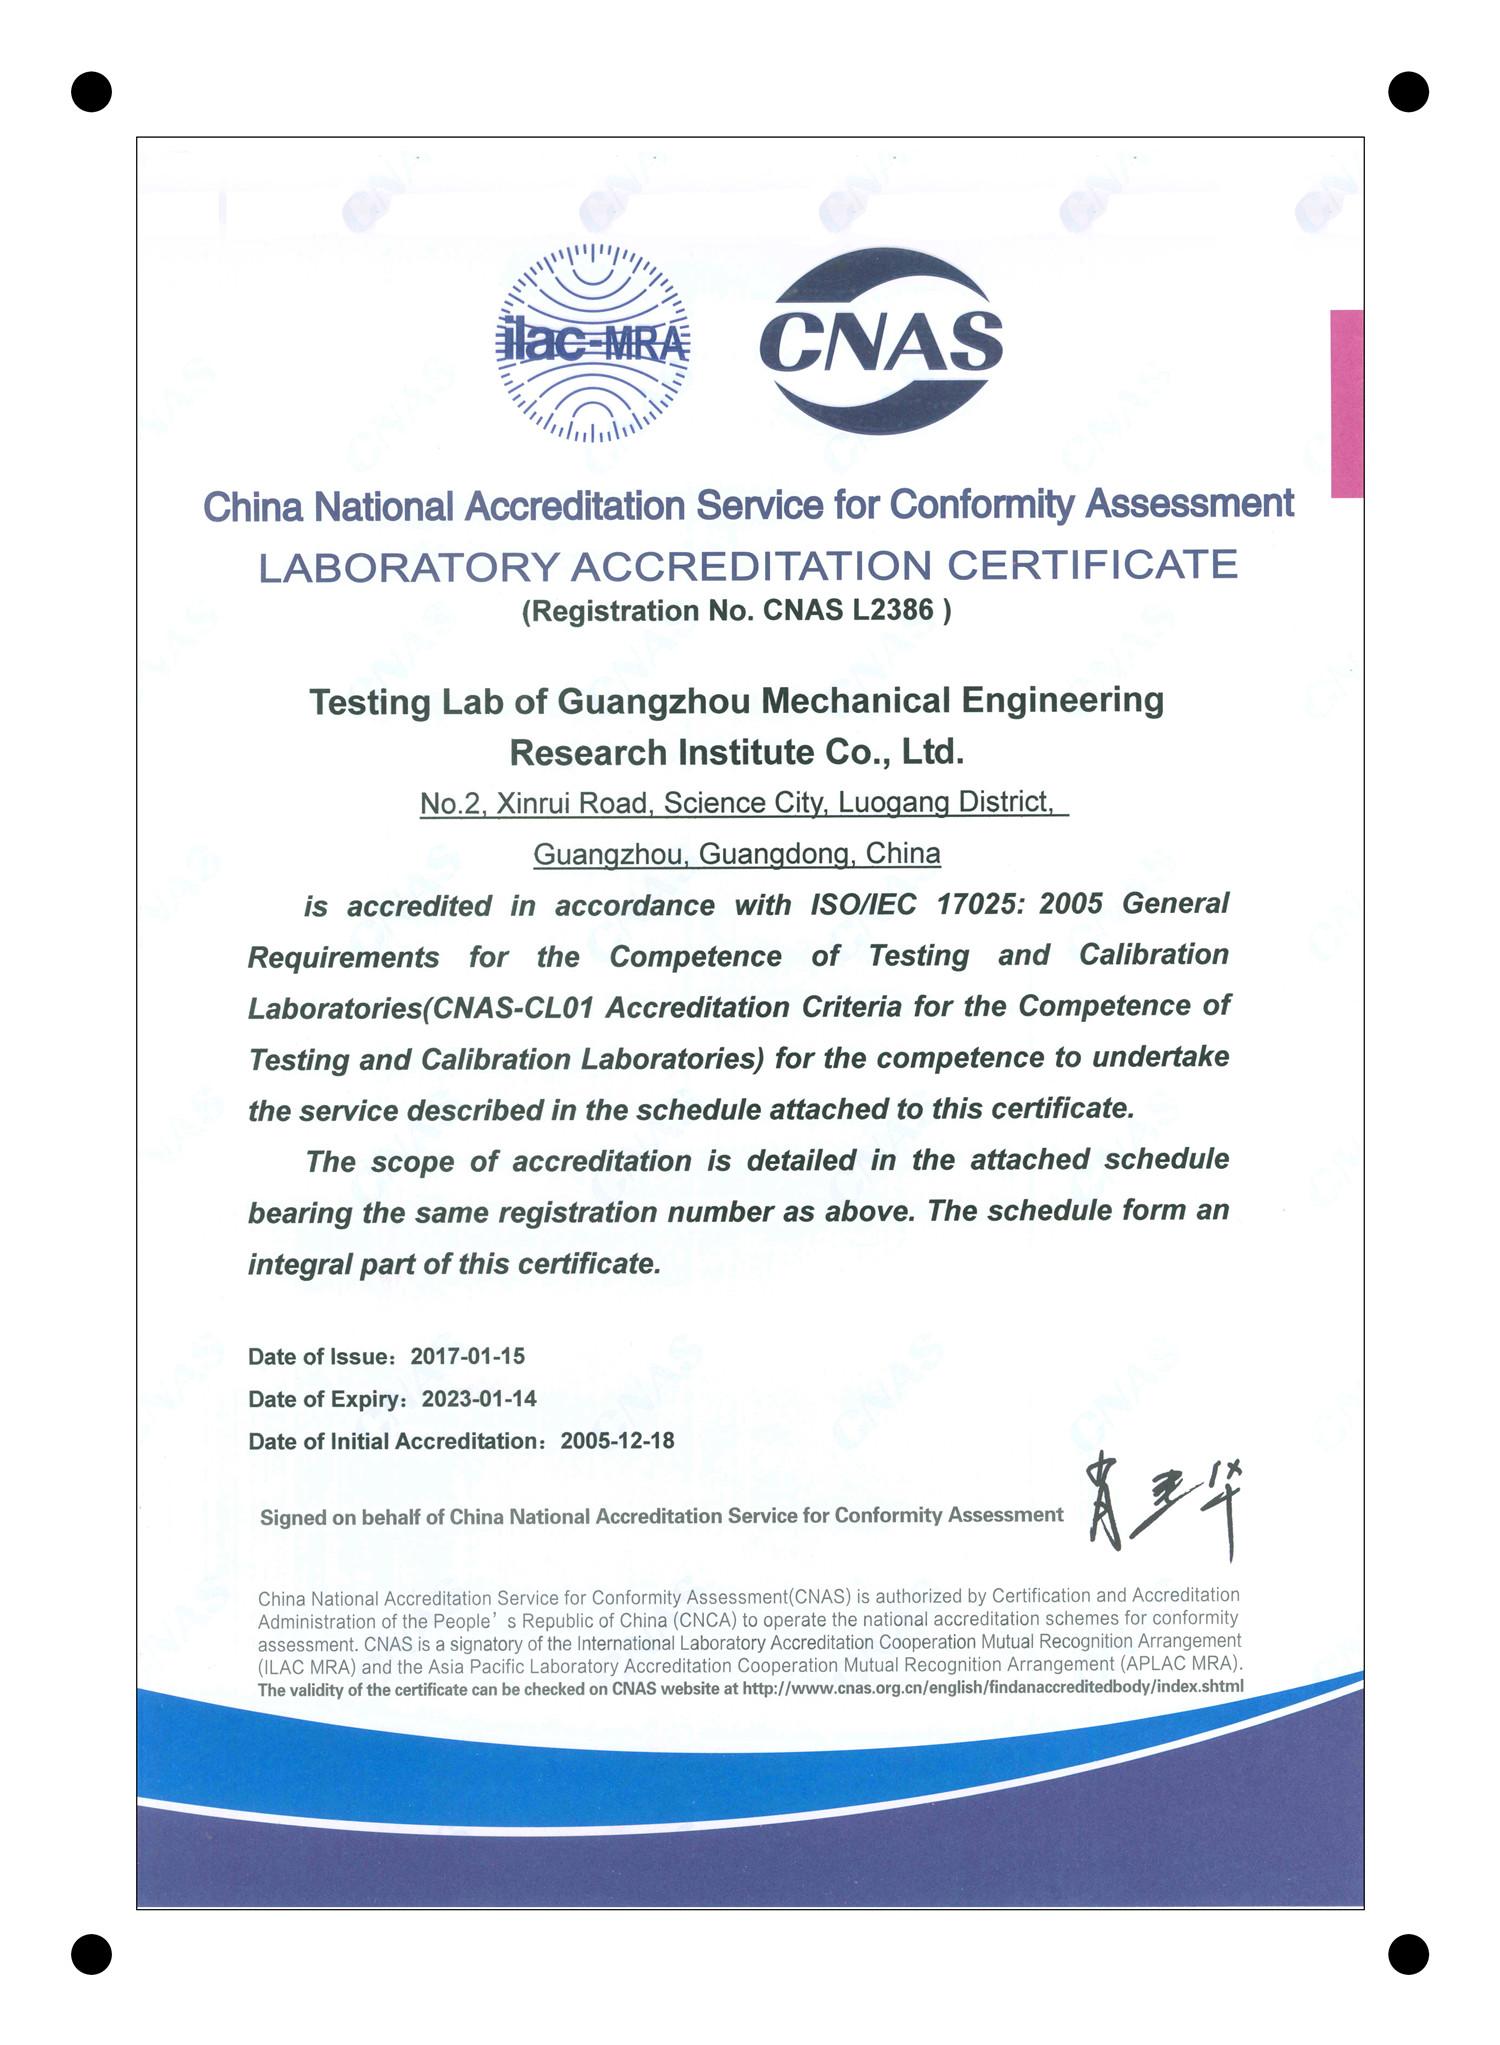 中国合格评定国家认可委员会实验室认可证书英文版